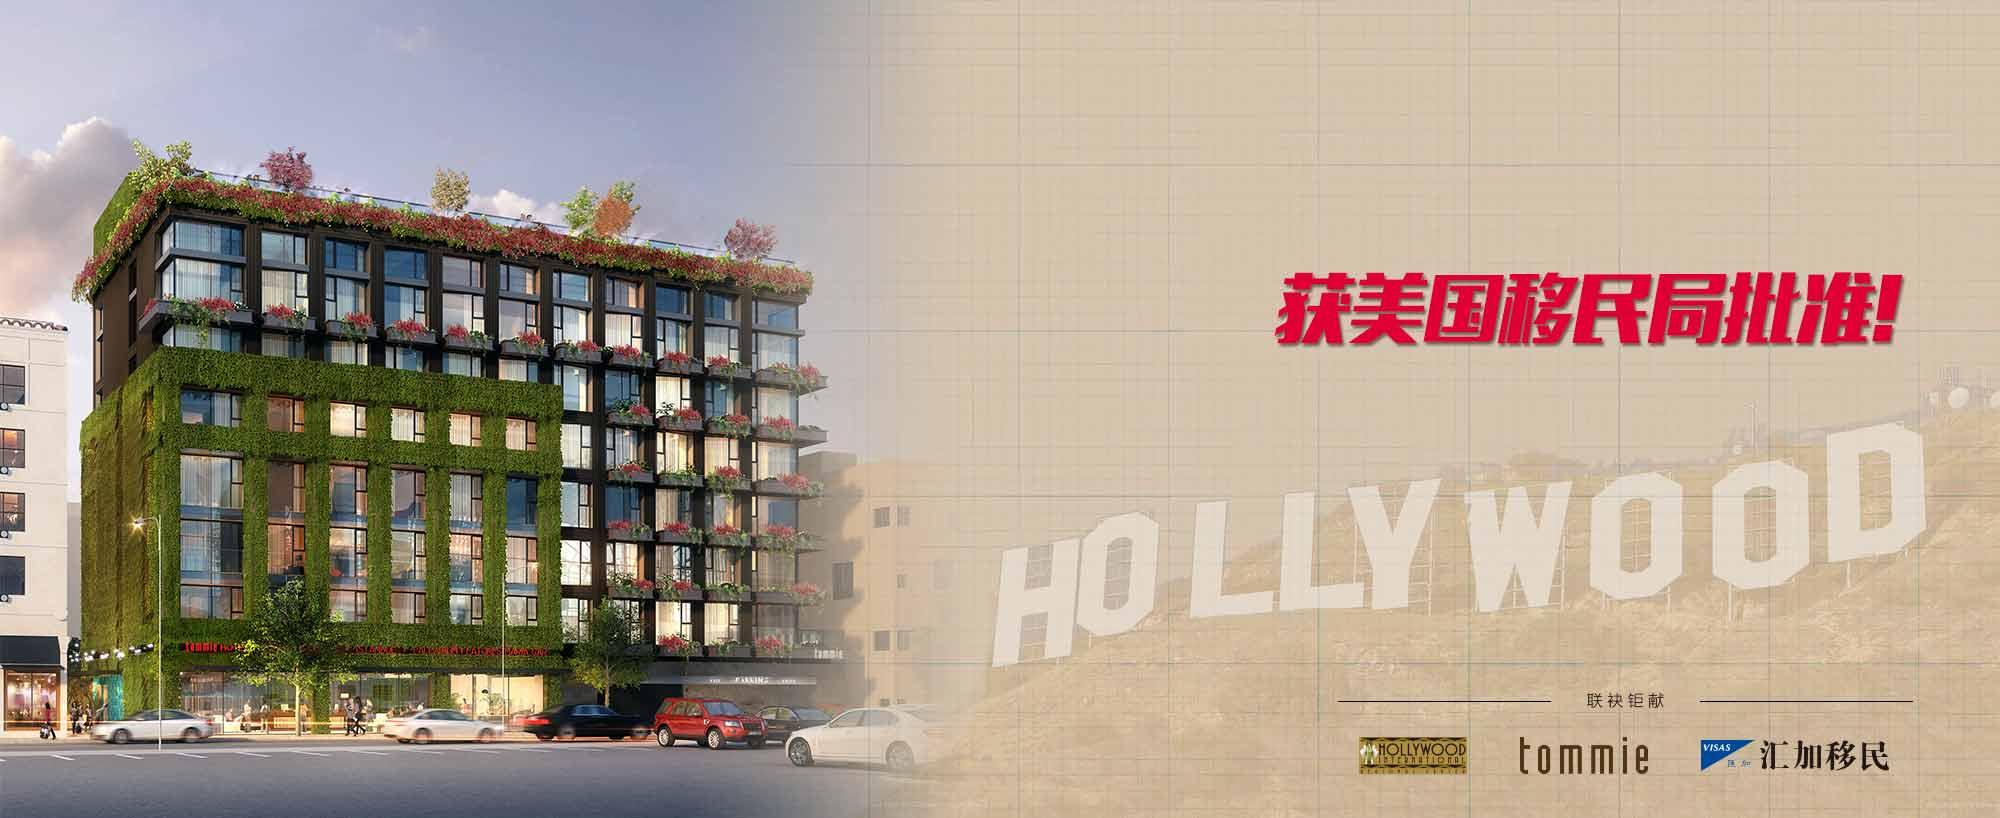 好莱坞星光天地4期,获美国移民局批准<br/>延续I-III期完美成功记录